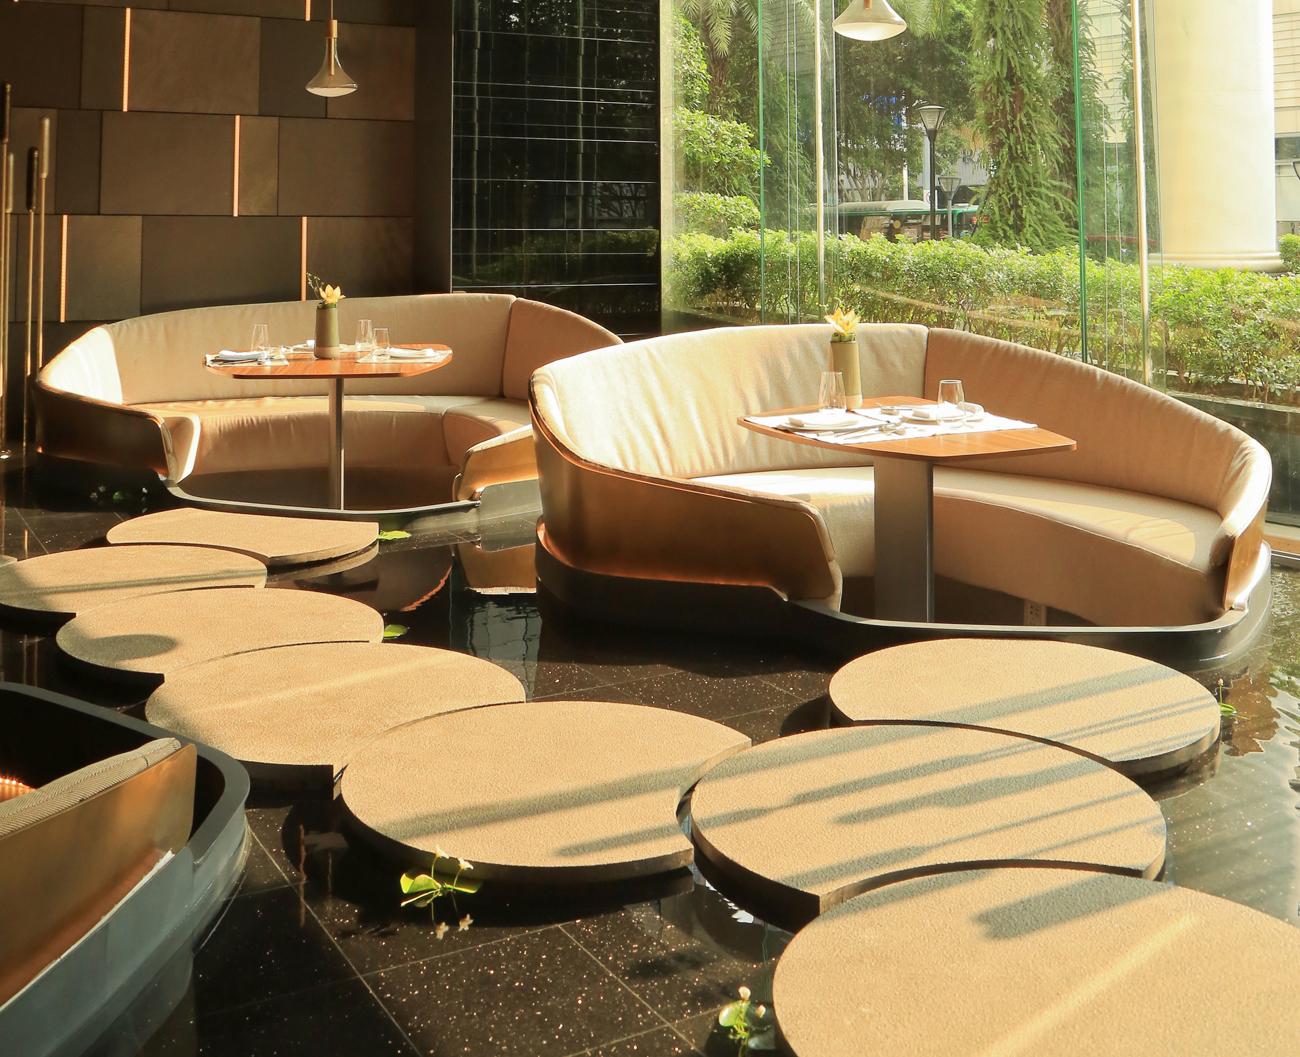 Forme-dacqua_Feng-shui-fontana-ristorante-Shenzhen-1